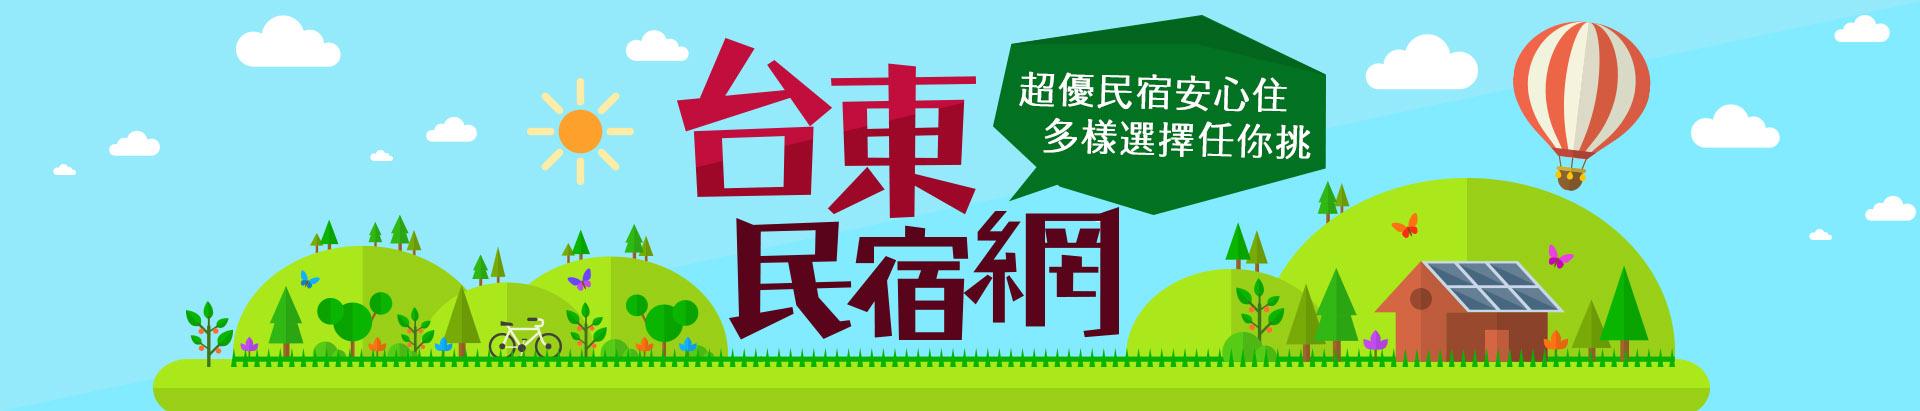 台東民宿網